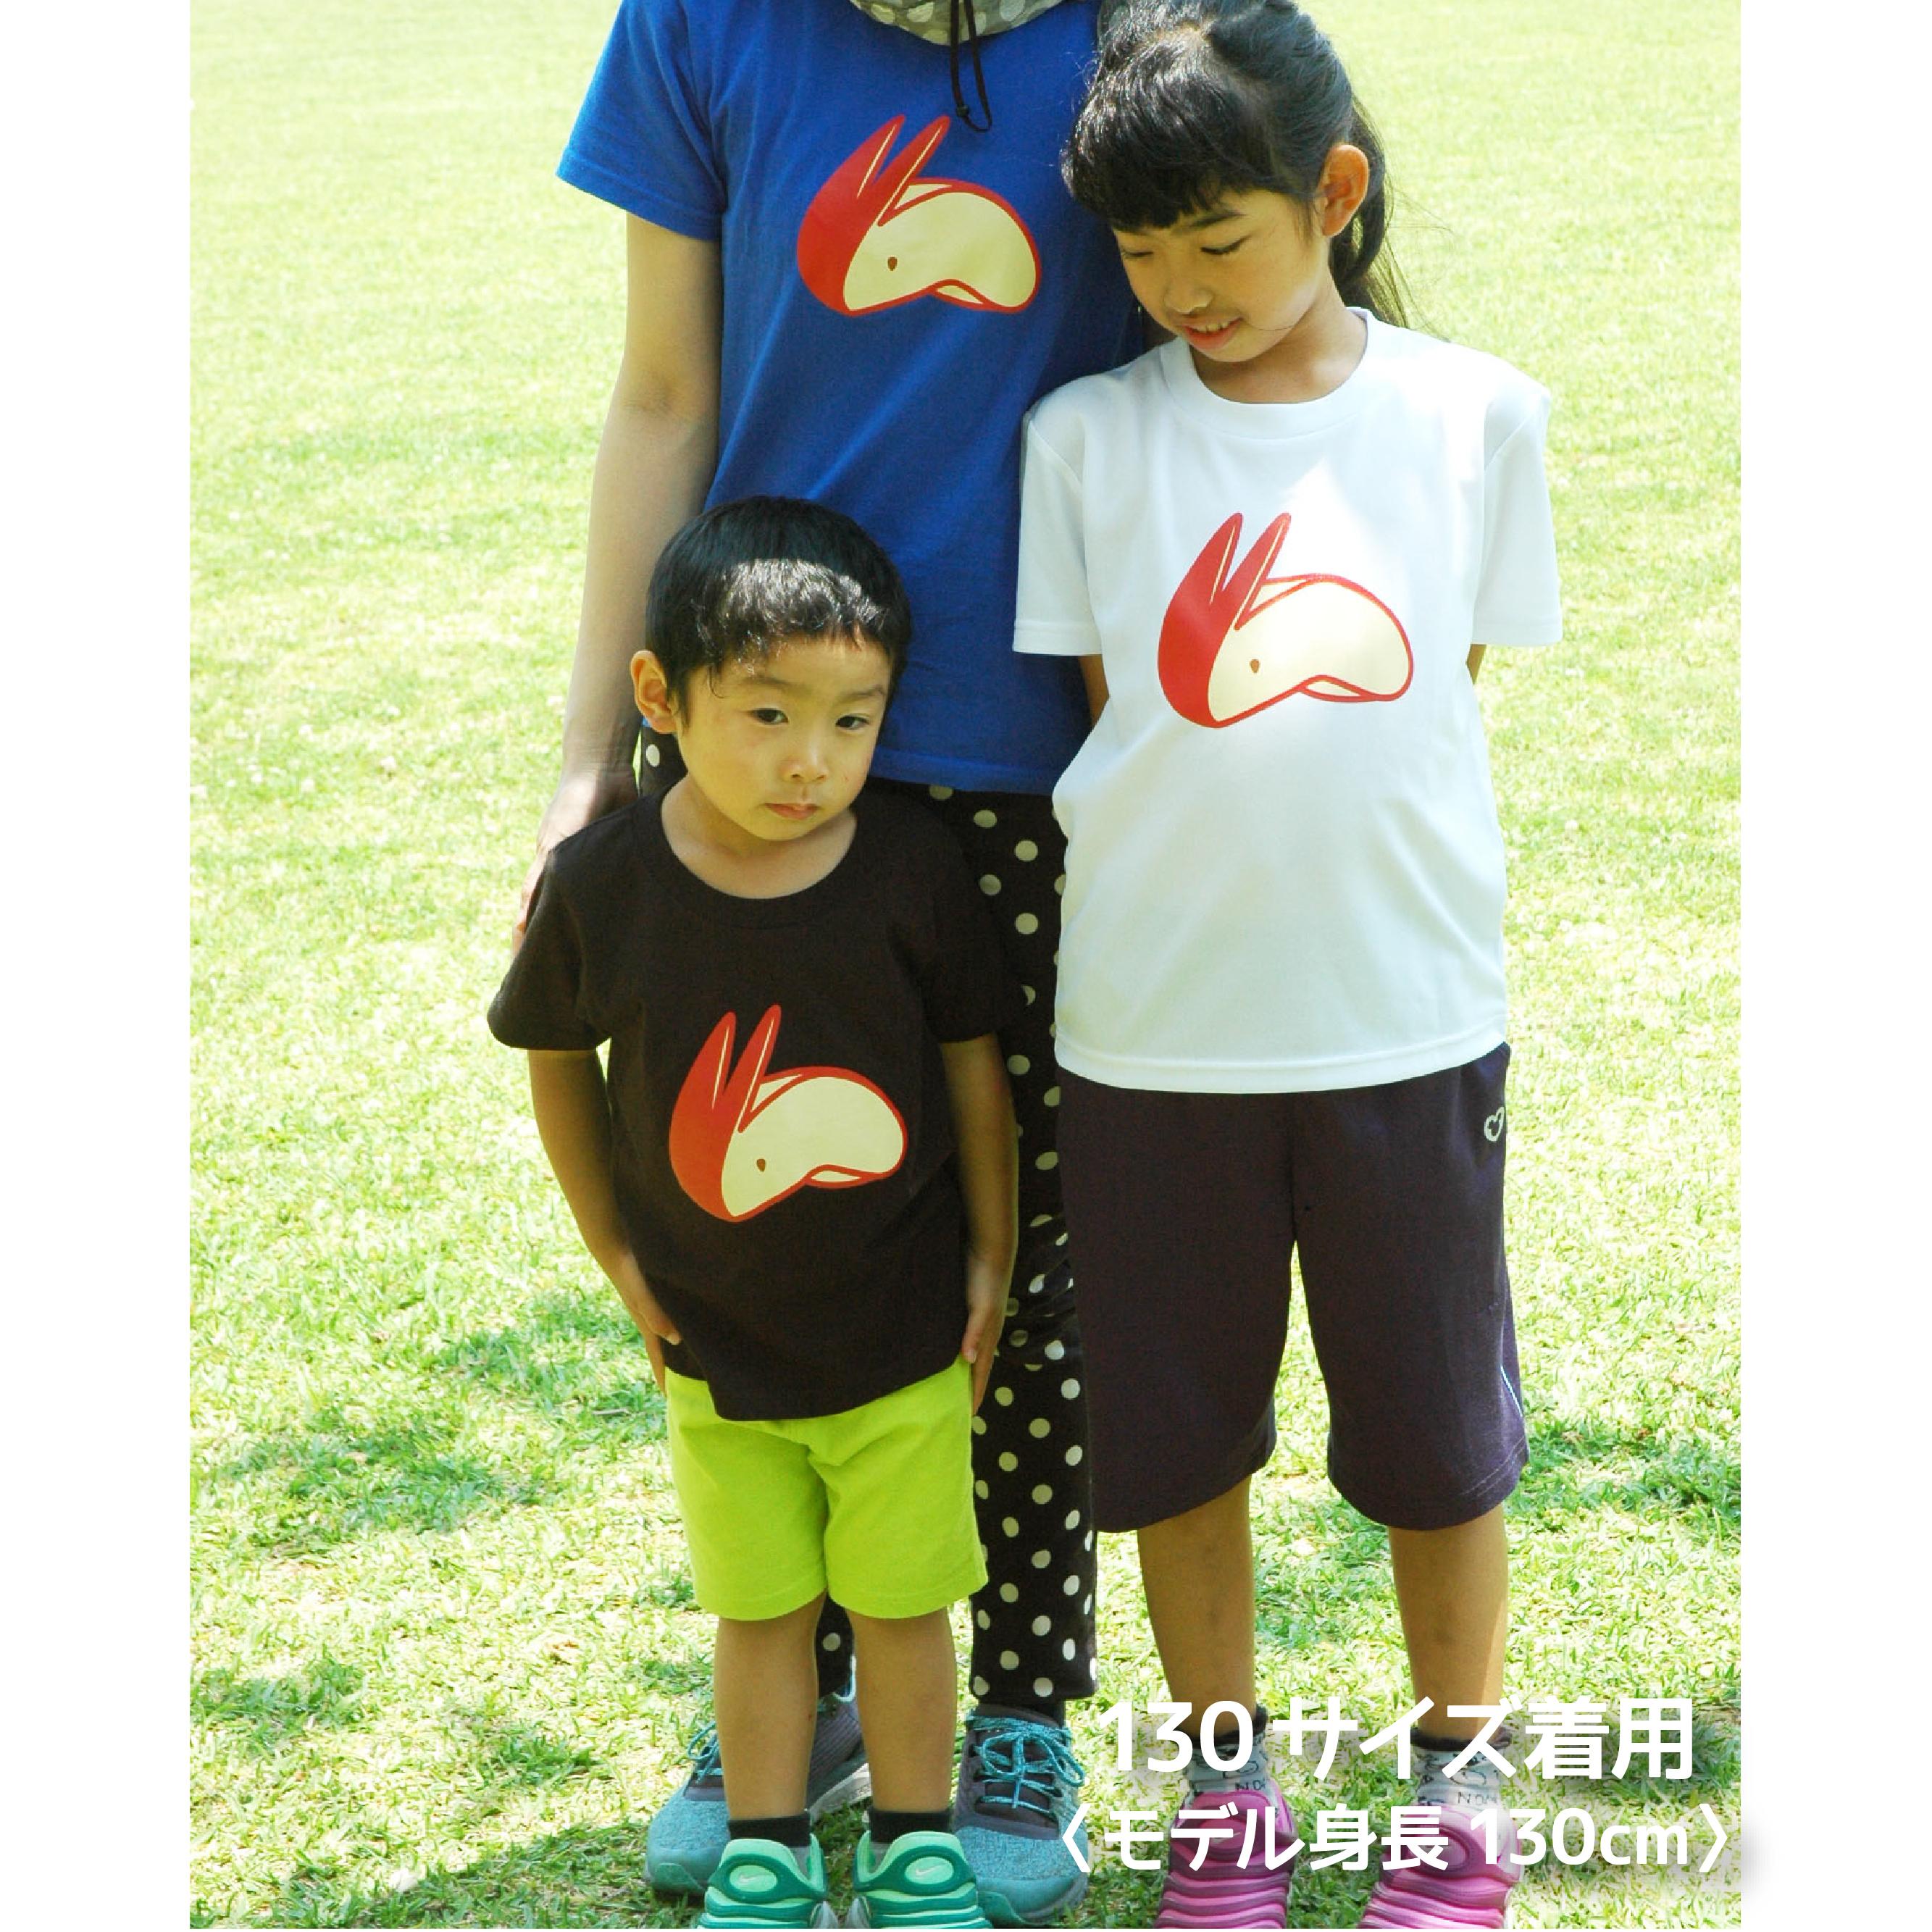 【在庫限り】リンゴうさぎ Tシャツ〈size160〜L〉